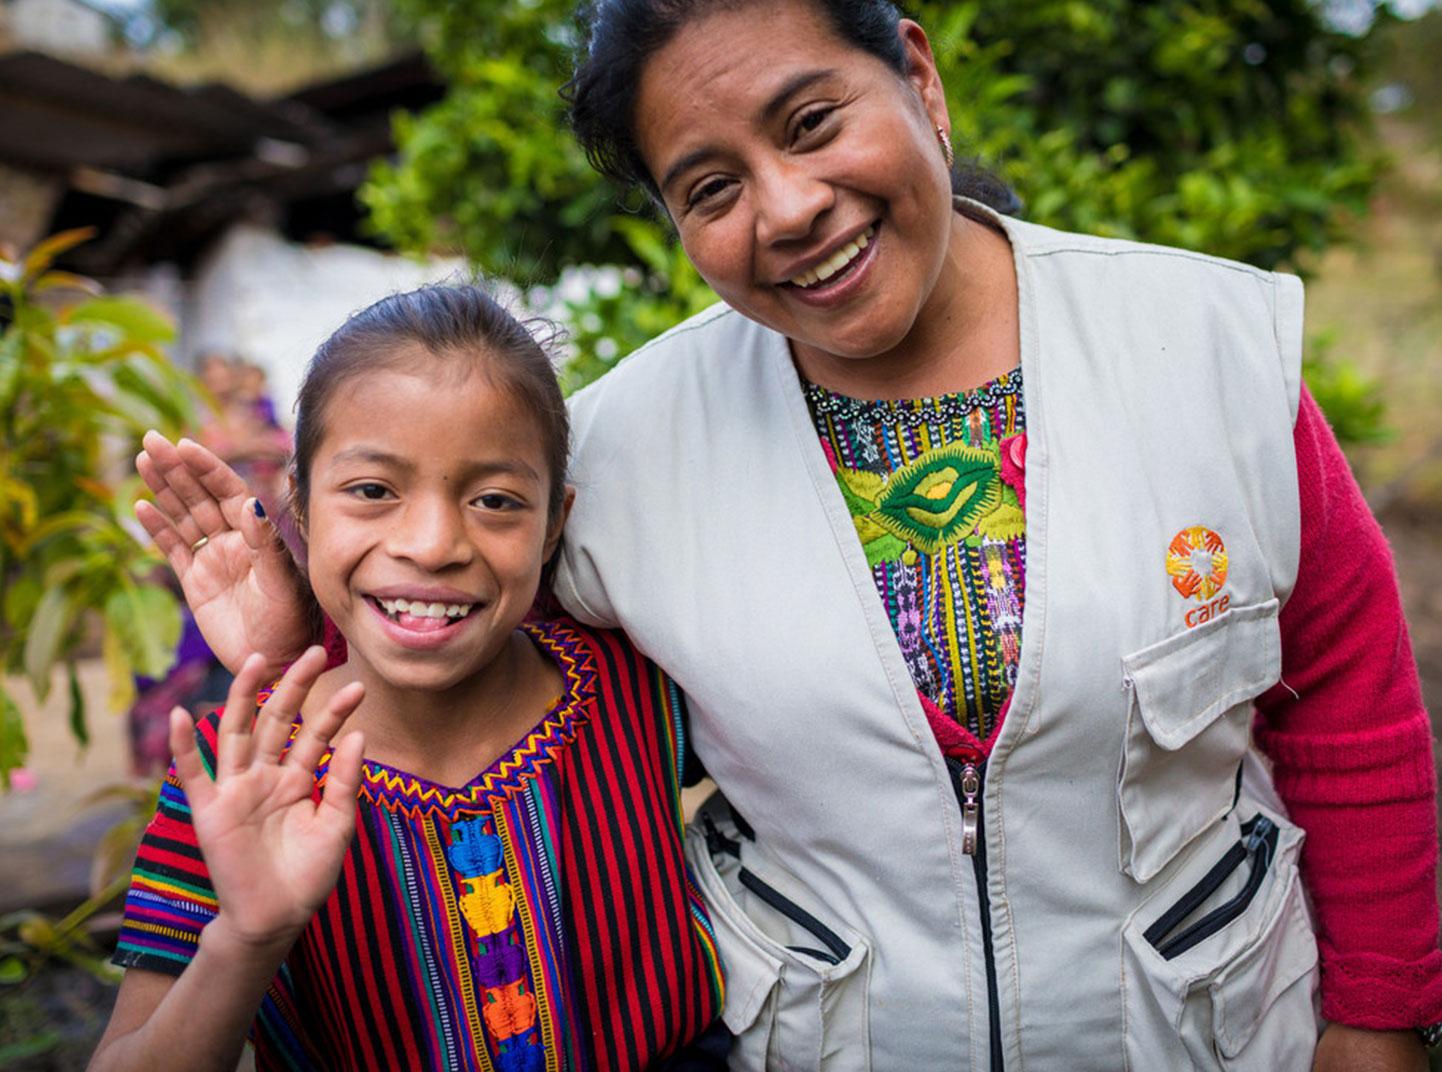 Un miembro del personal de cuidados que lleva un chaleco se encuentra junto a una joven que lleva una camisa de estampados brillantes. Ambos sonríen y saludan a la cámara.